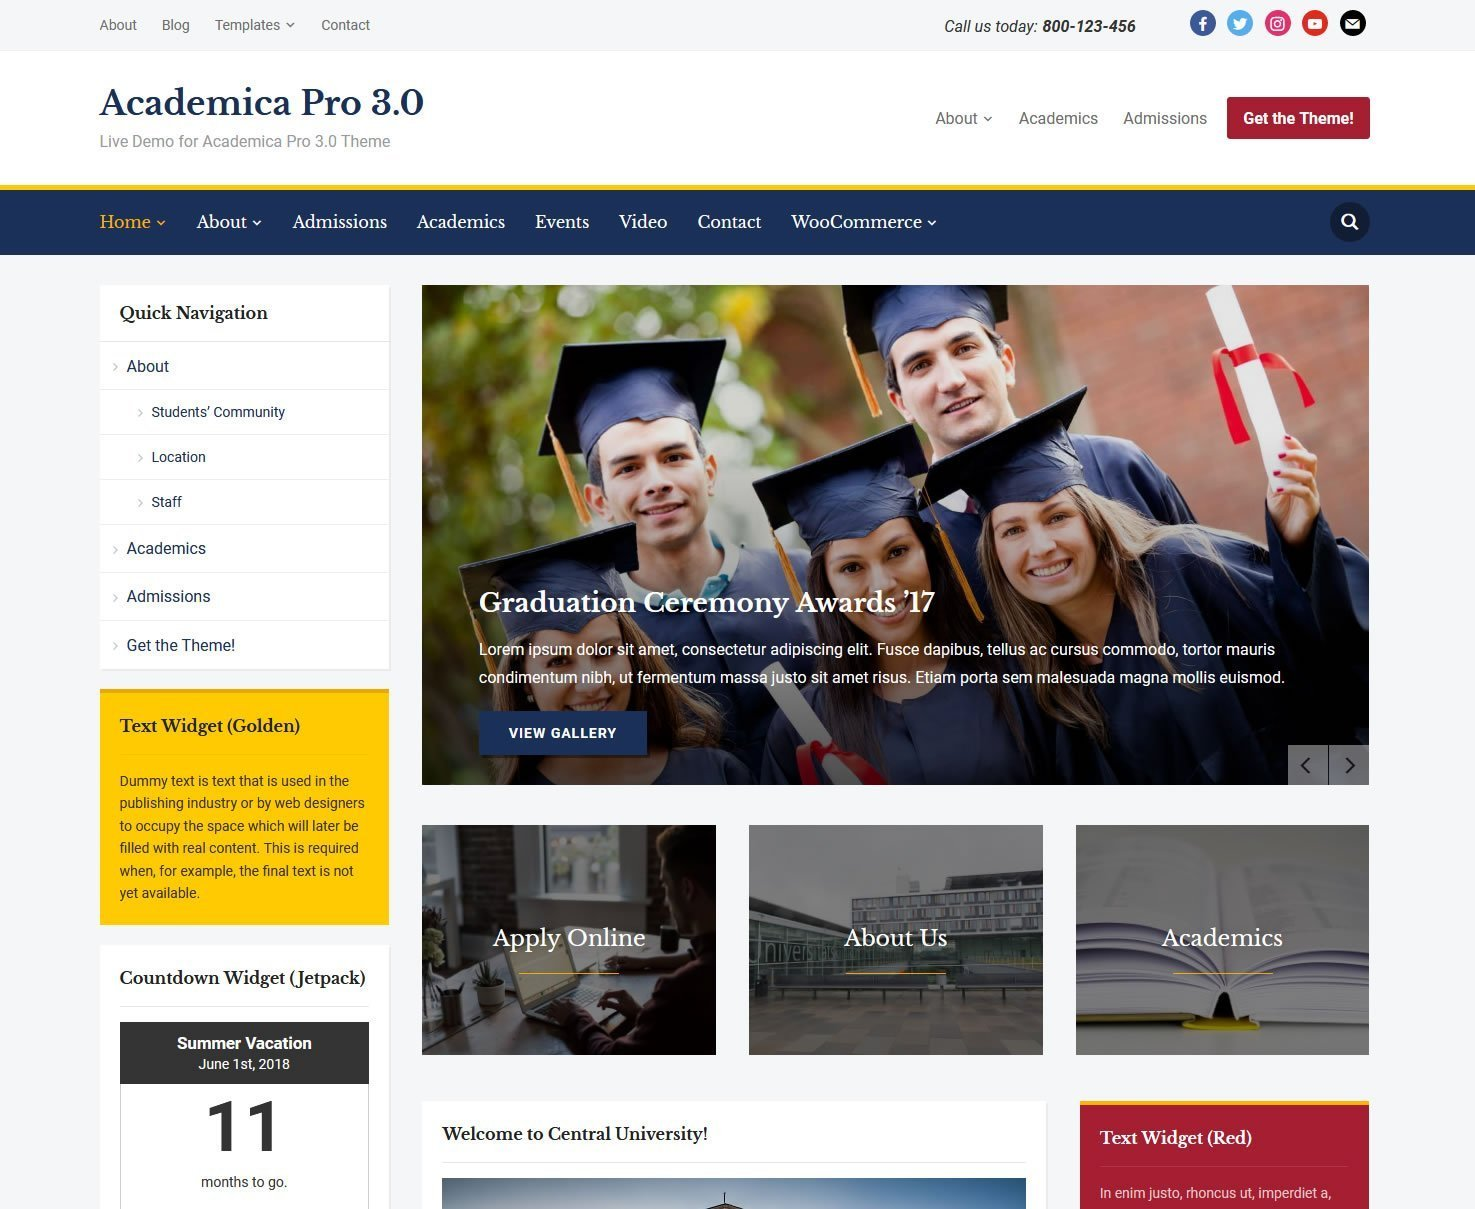 academica pro 3 0